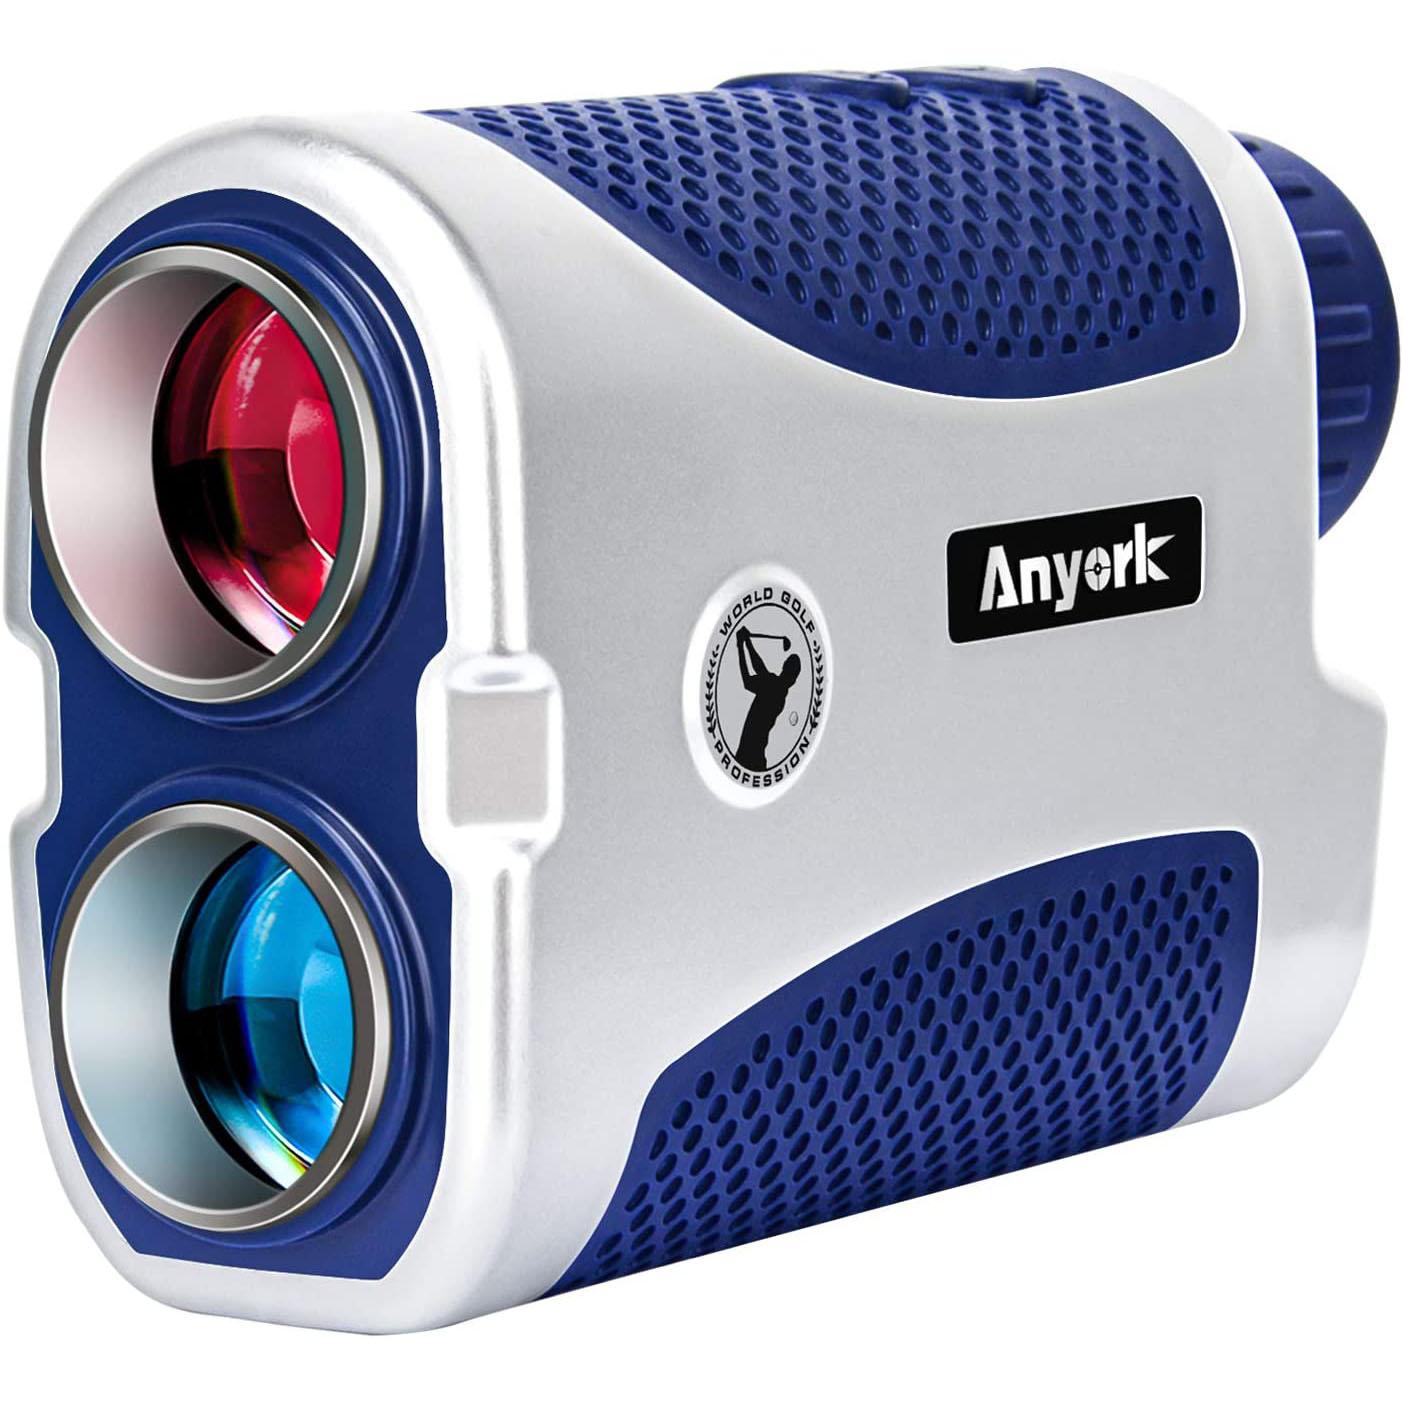 Anyork Golf Rangefinder 6X Laser Range Finder